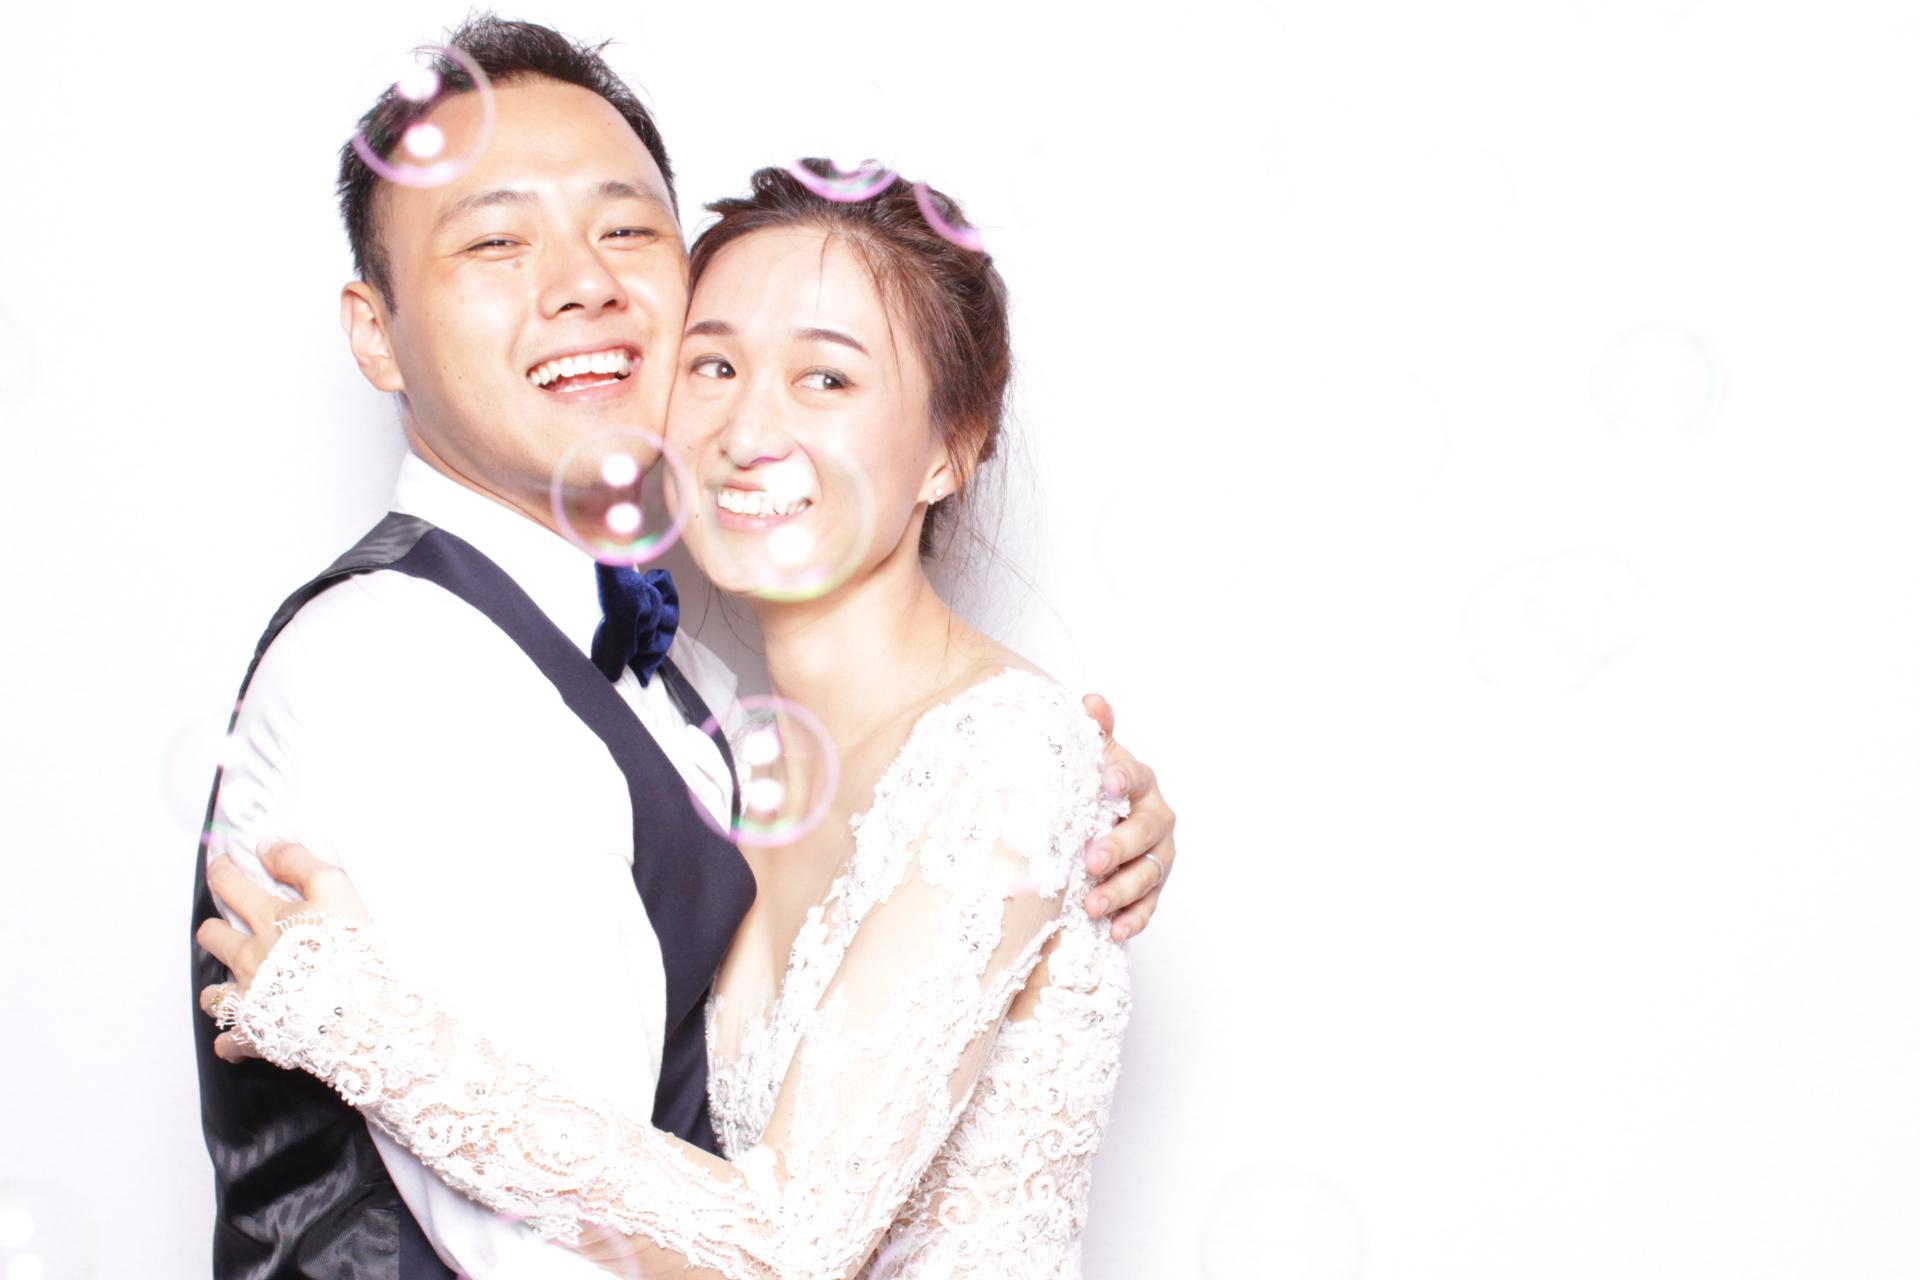 SILU + LEAF WEDDING | HOT PINK PHOTO BOOTH